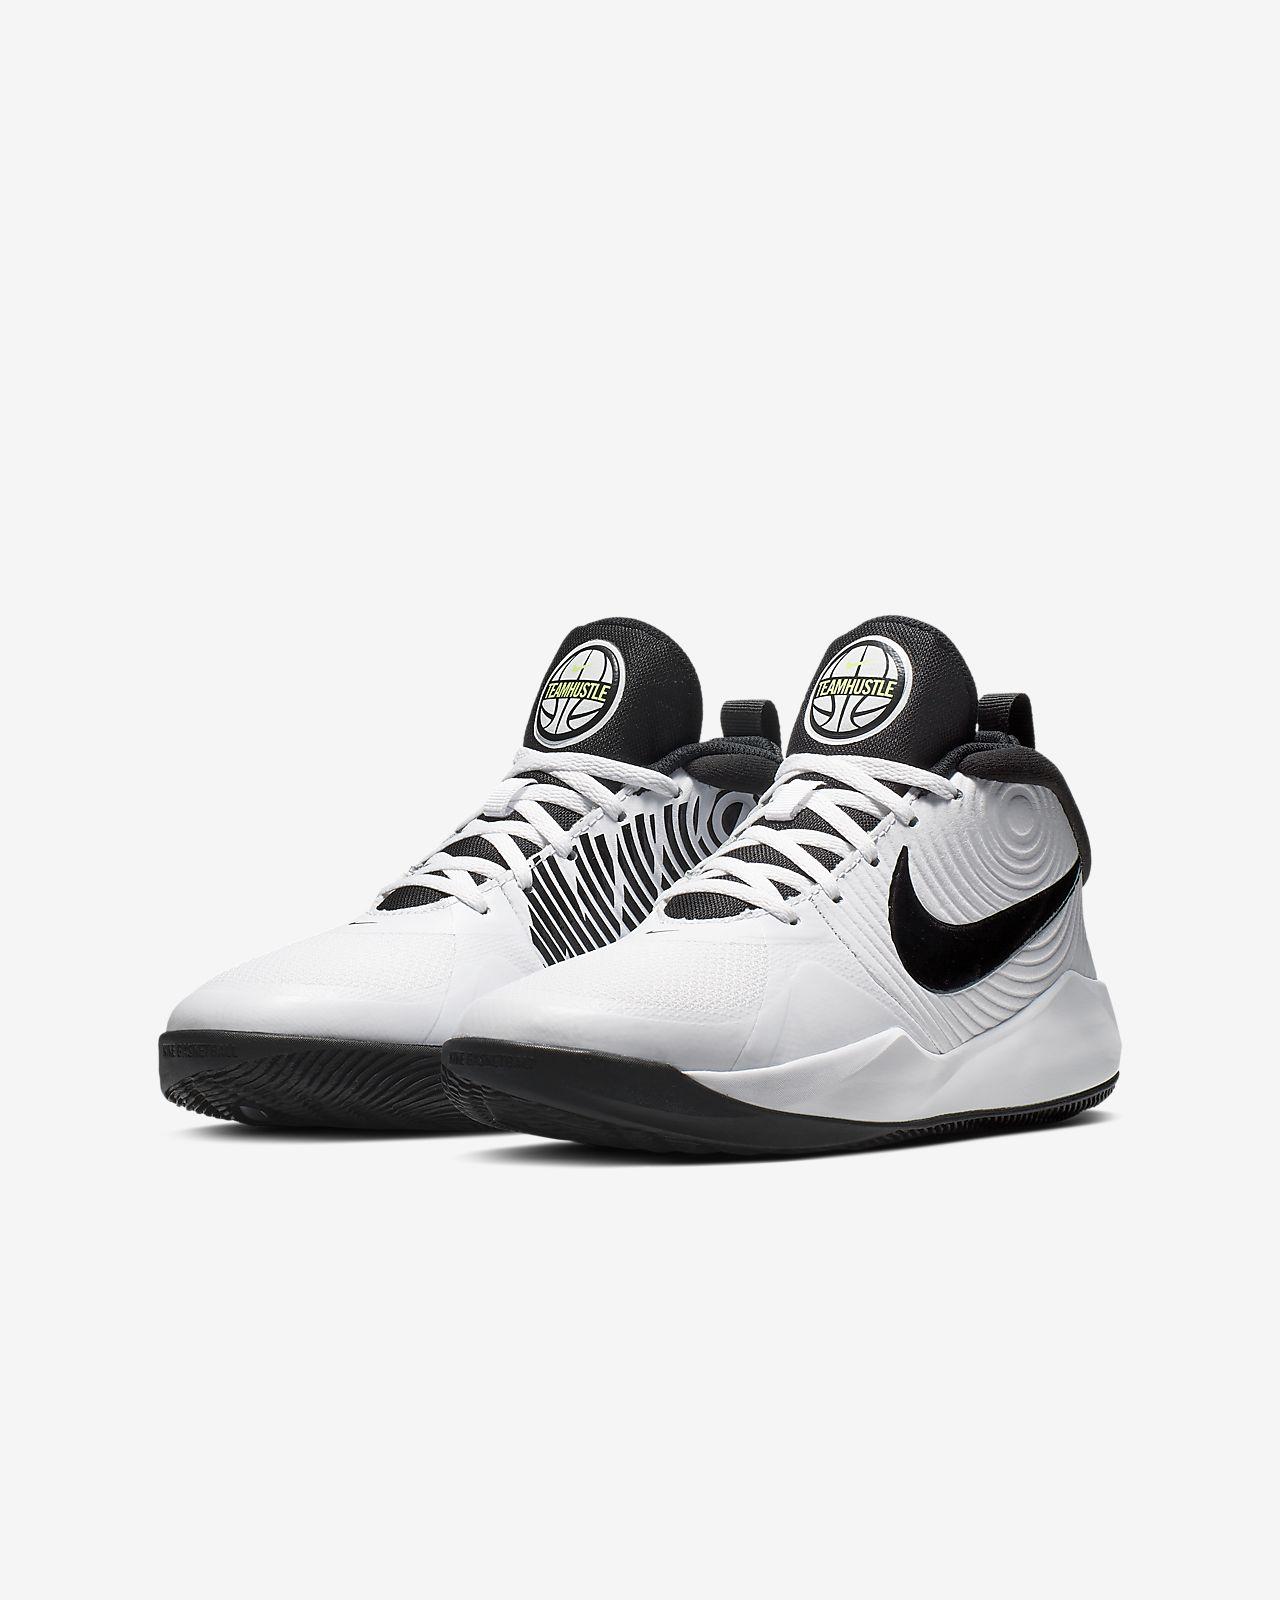 chaussure de basket nike enfant